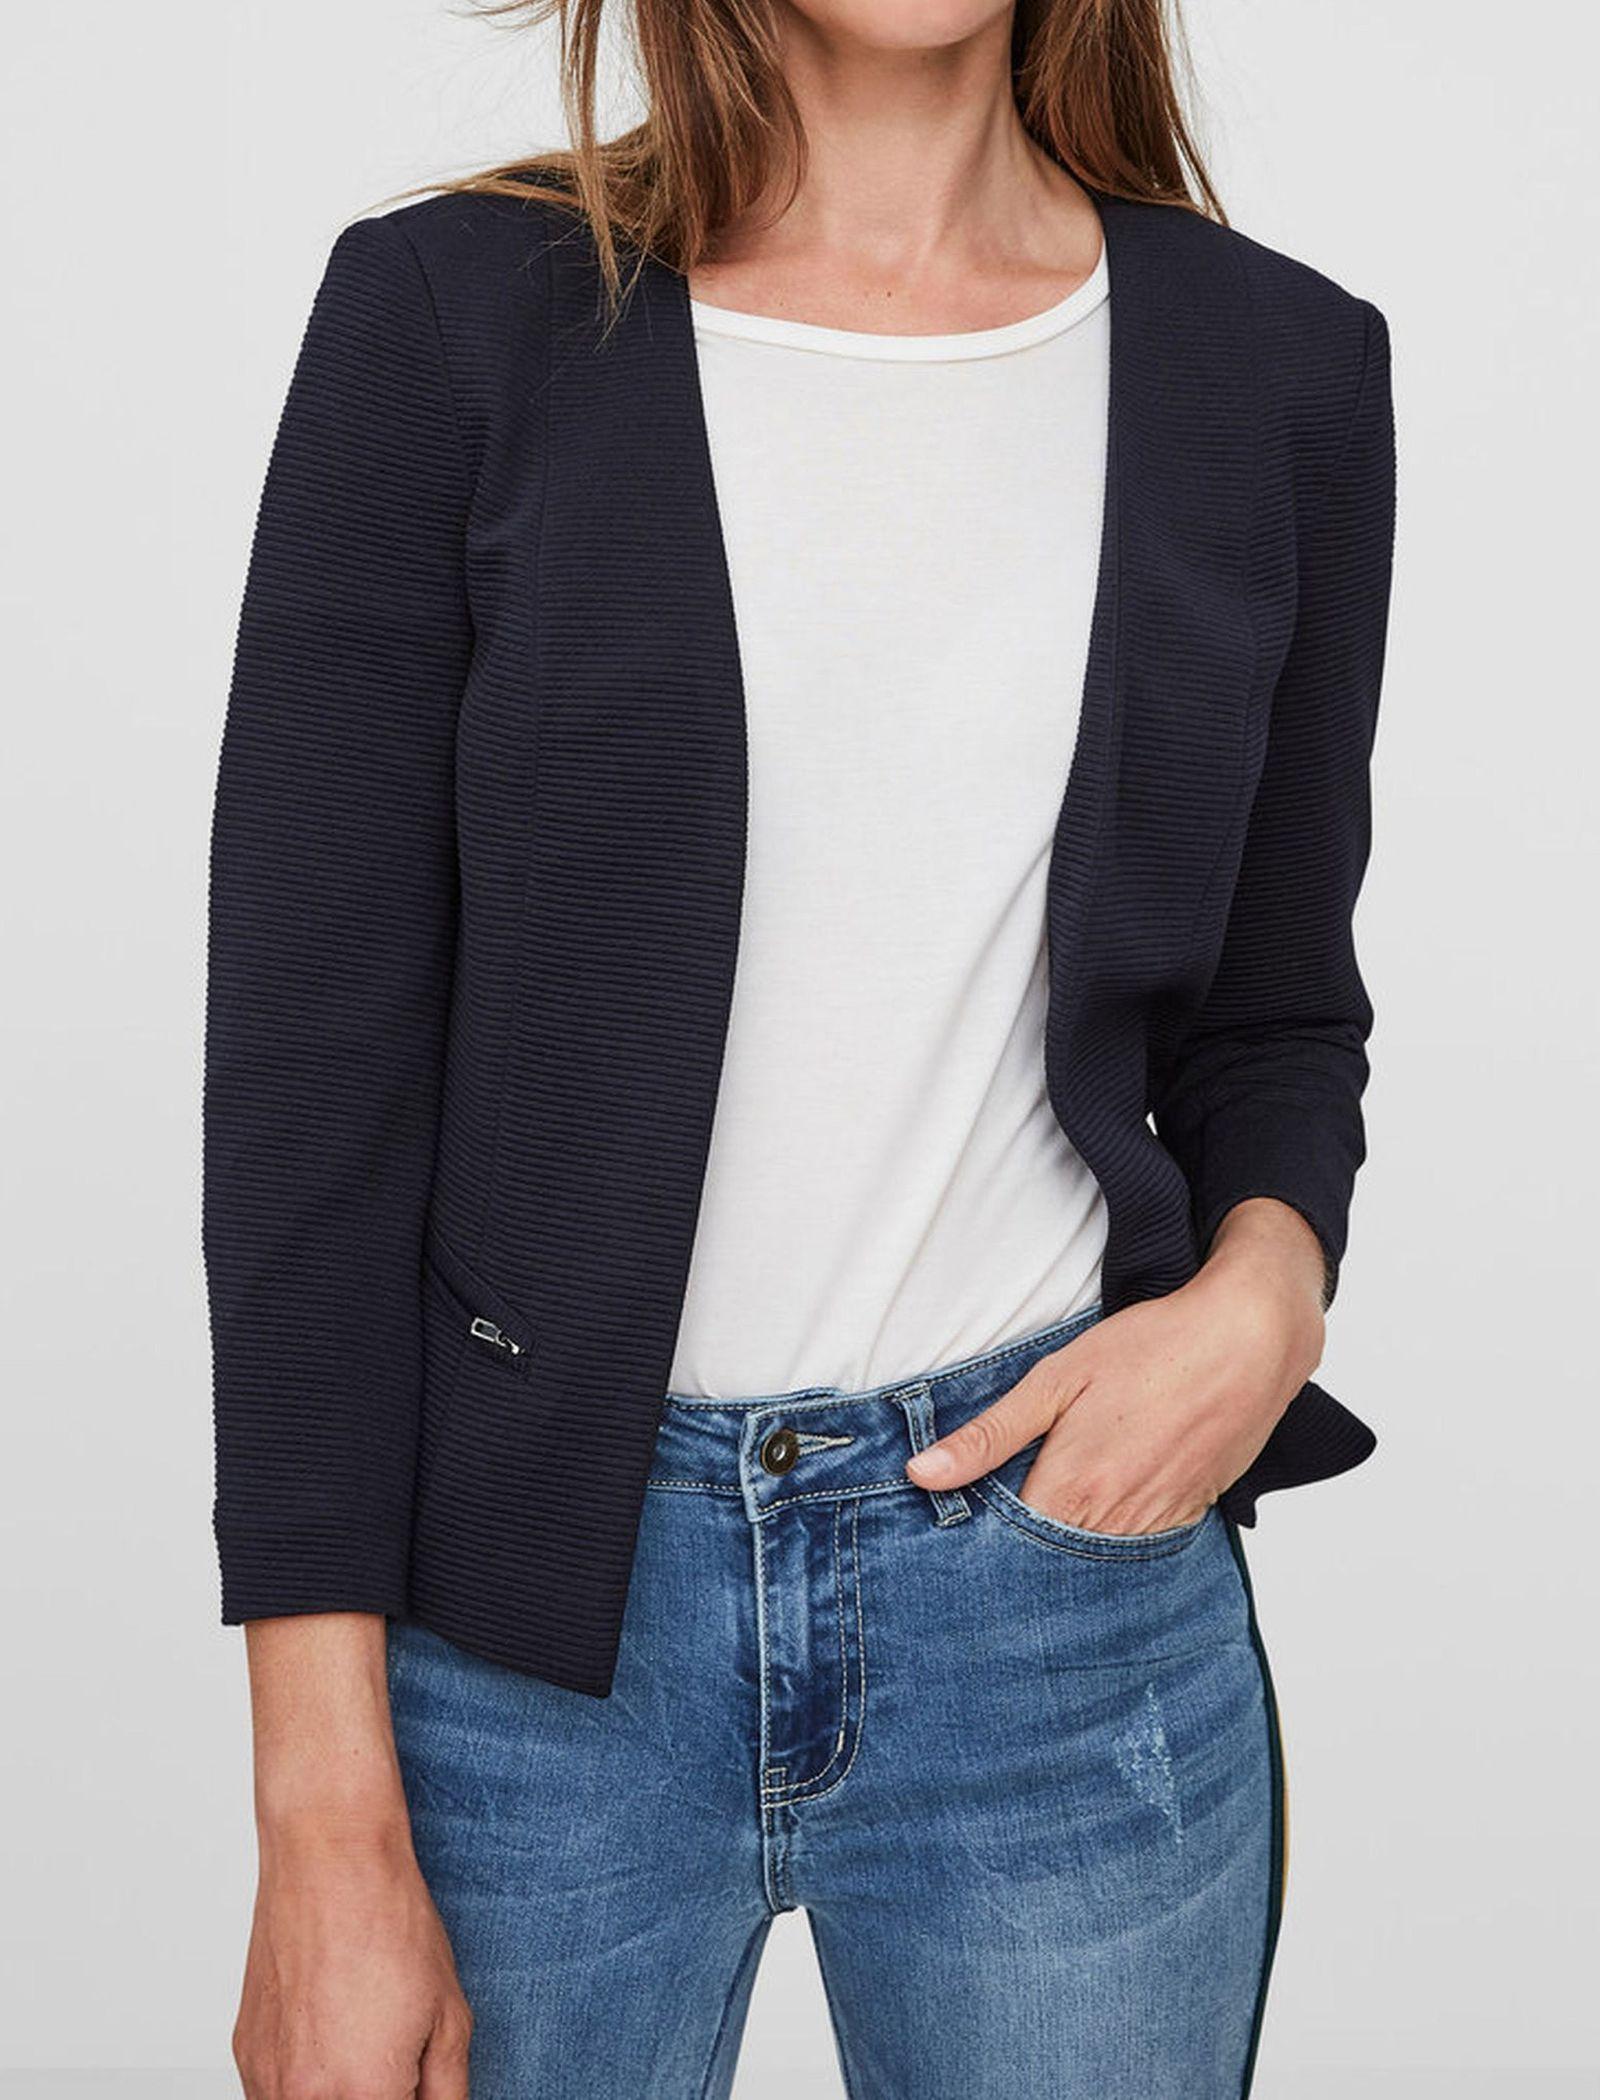 کت کوتاه زنانه - ورو مدا - سرمه اي  - 2